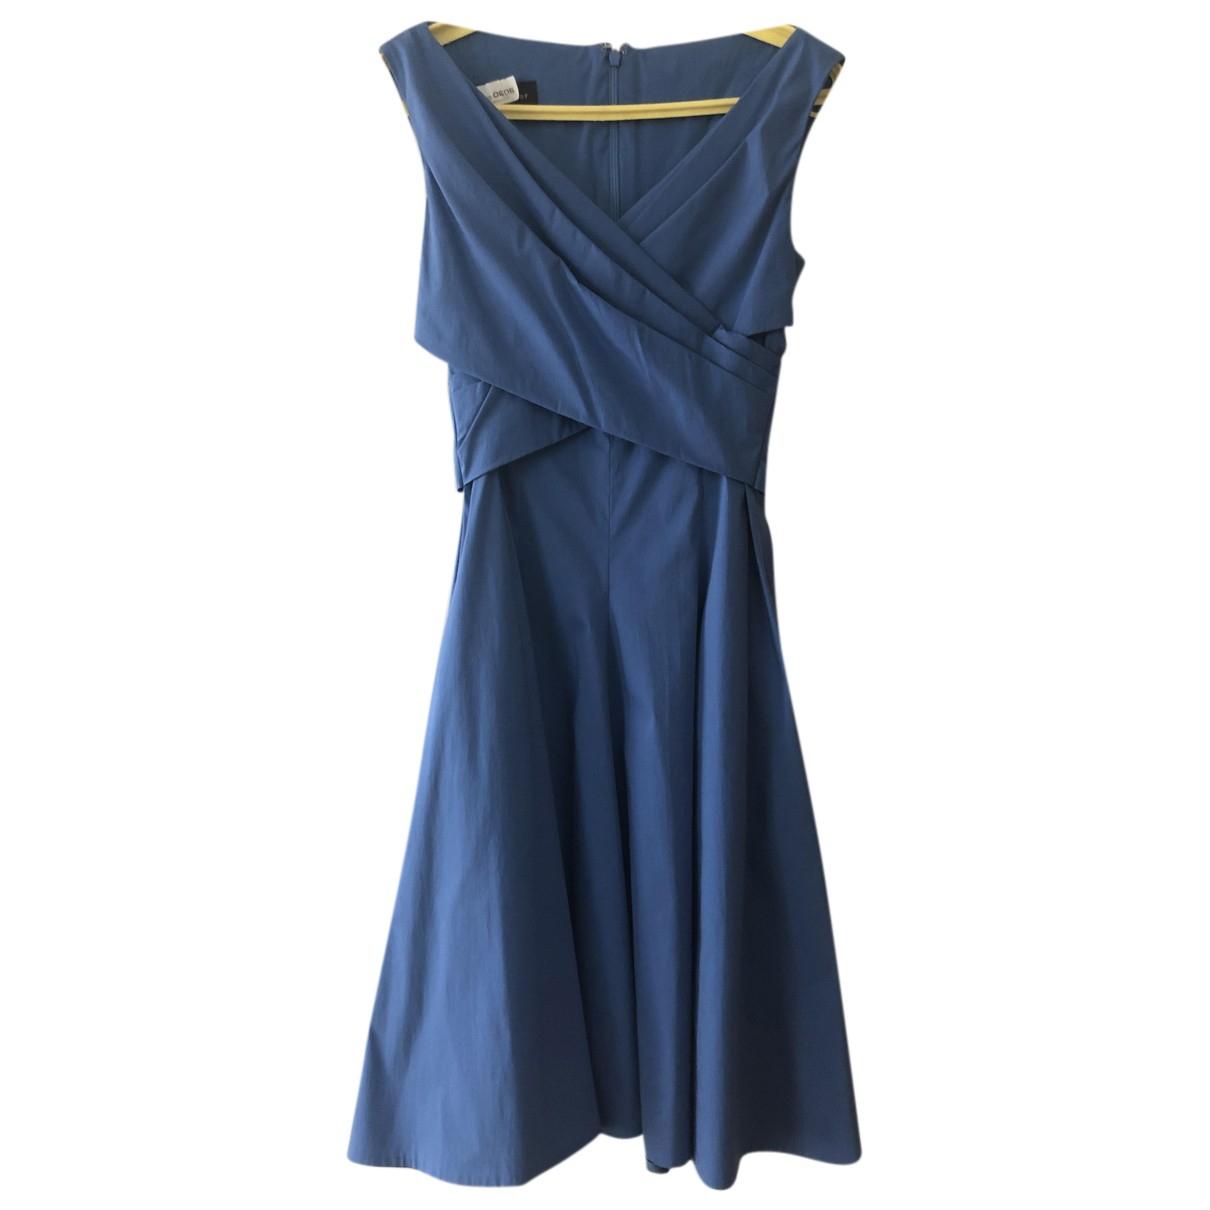 Talbot Runhof \N Kleid in  Blau Baumwolle - Elasthan